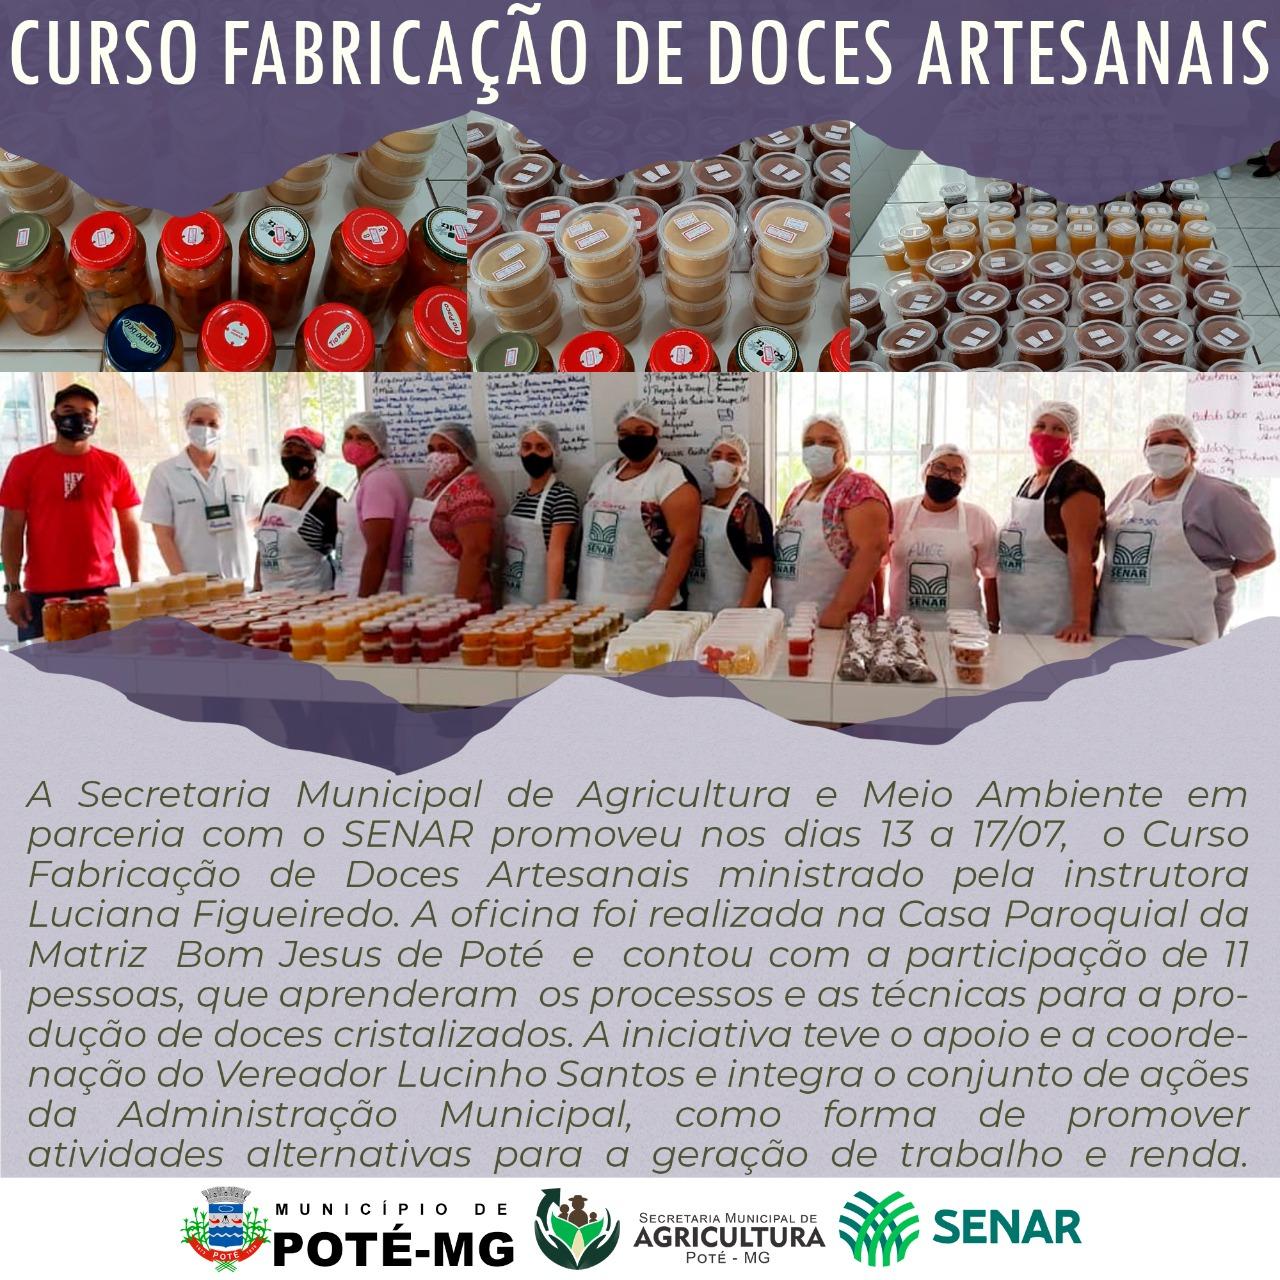 CURSO FABRICAÇÃO DE DOCES ARTESANAIS